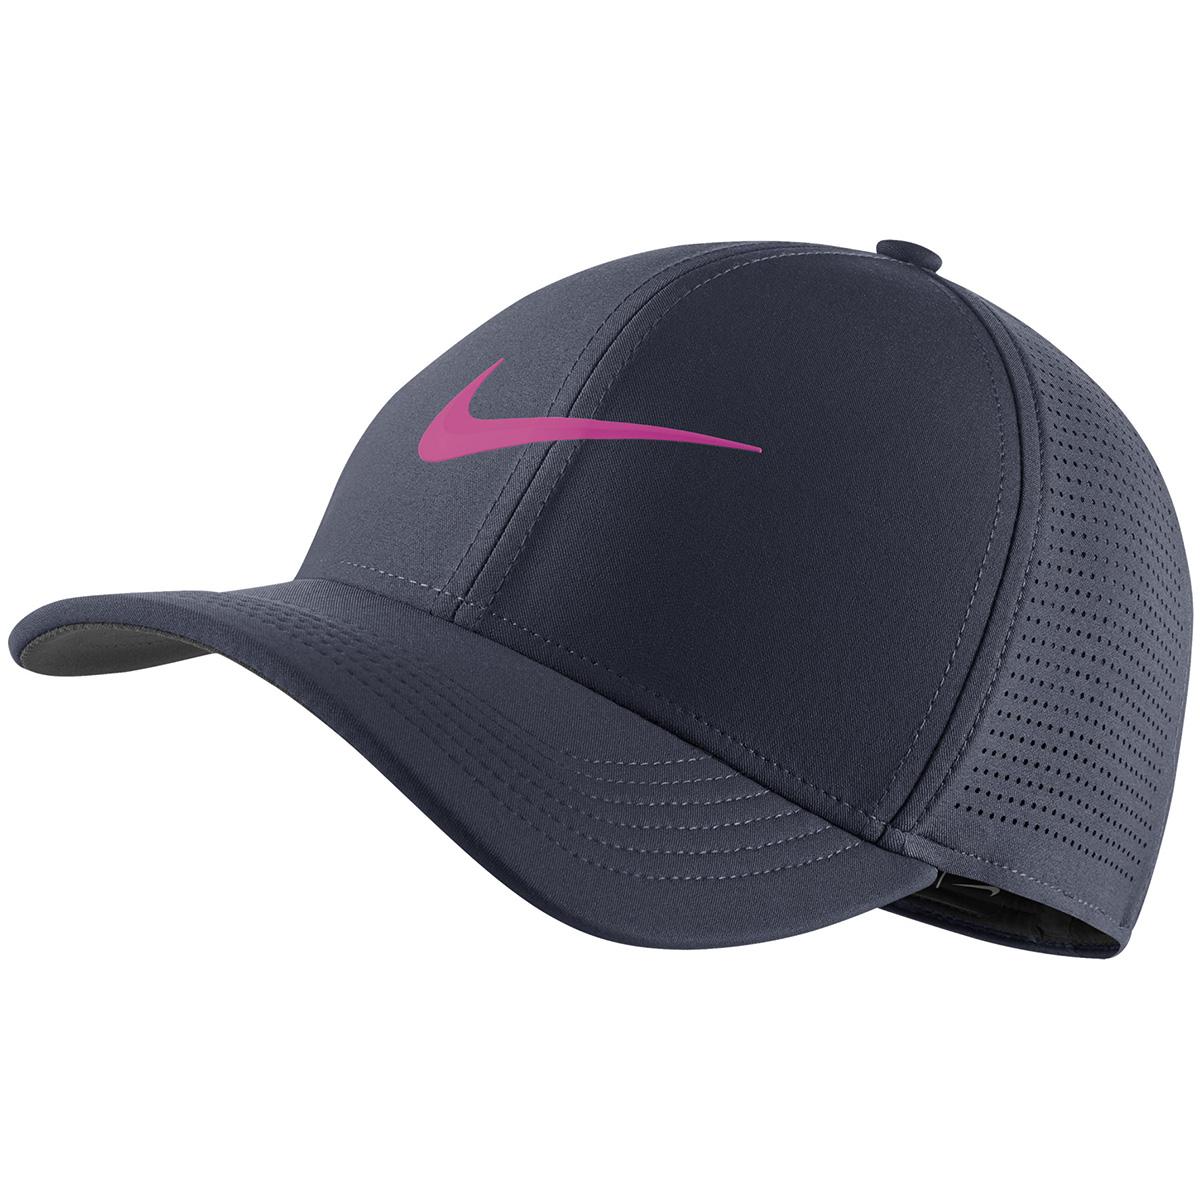 e05d6ba18 cheapest cap hat nike 840cb c49ab